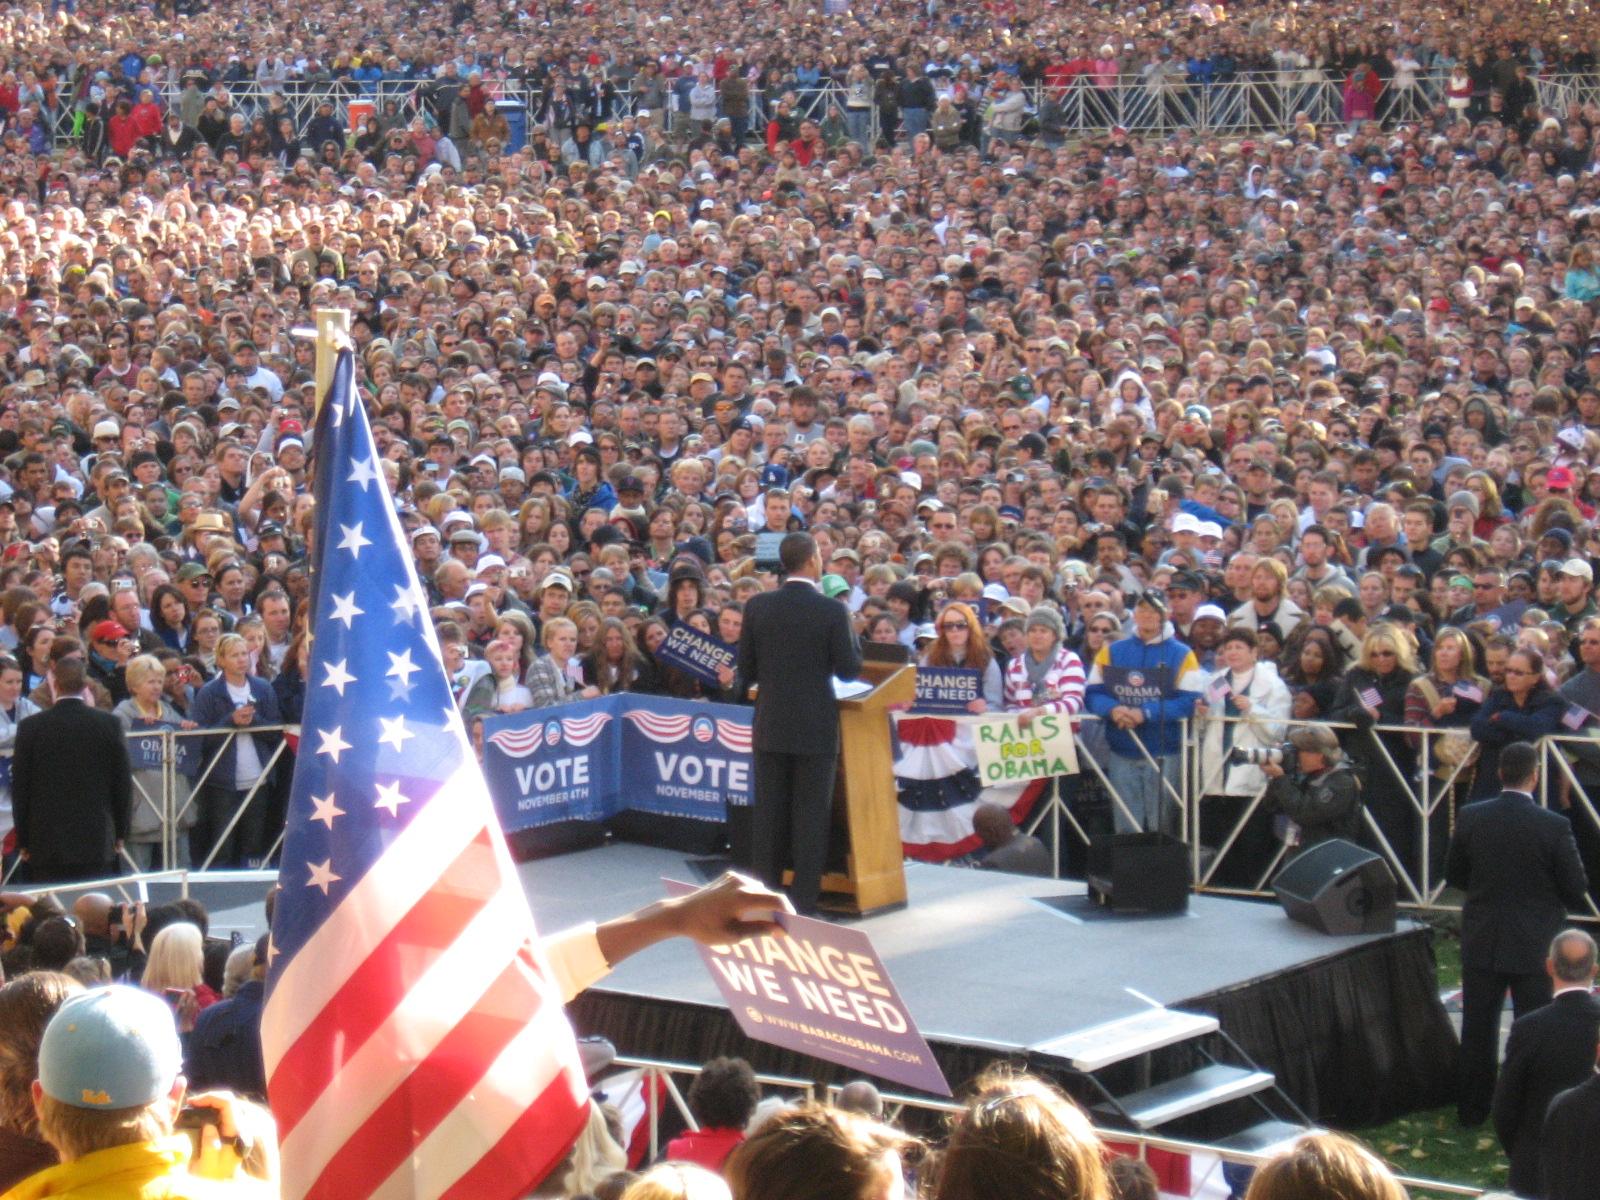 Obama Ft Collins 2008 003.jpg